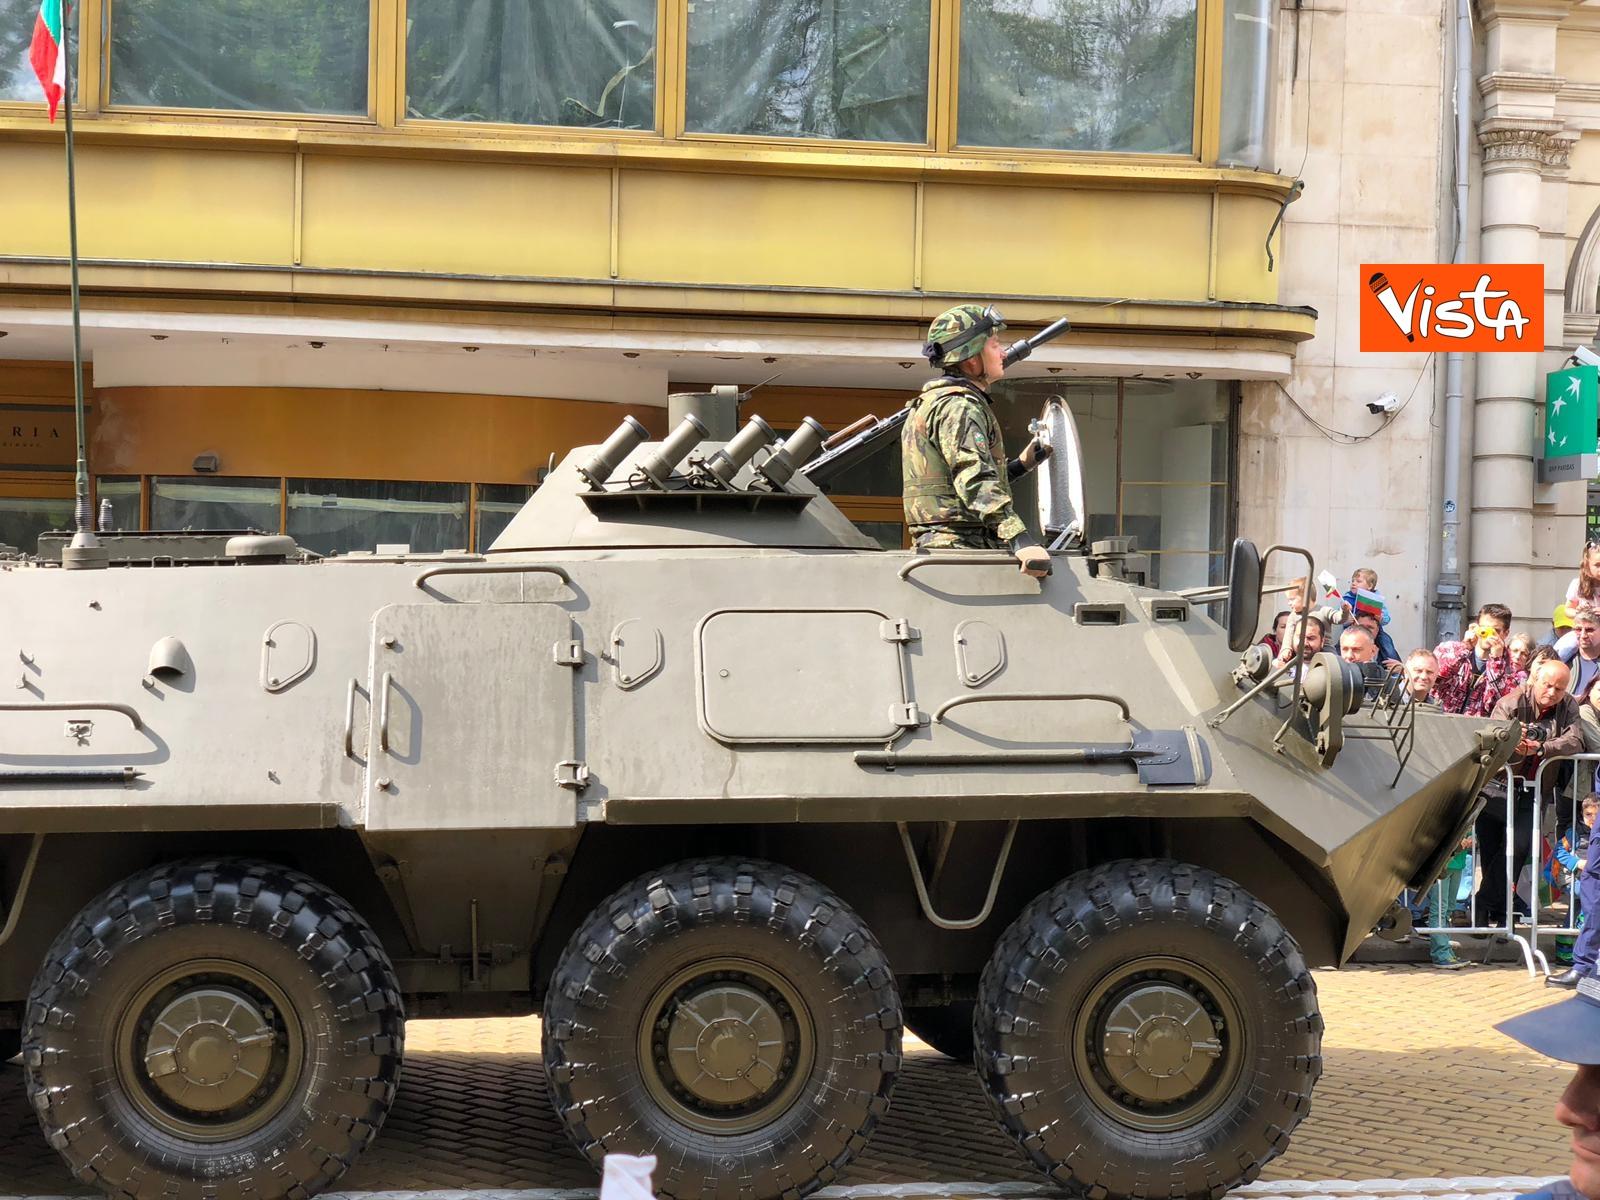 06-05-19 La parata militare a Sofia per la festa dell esercito in occasione di San Giorgio_08